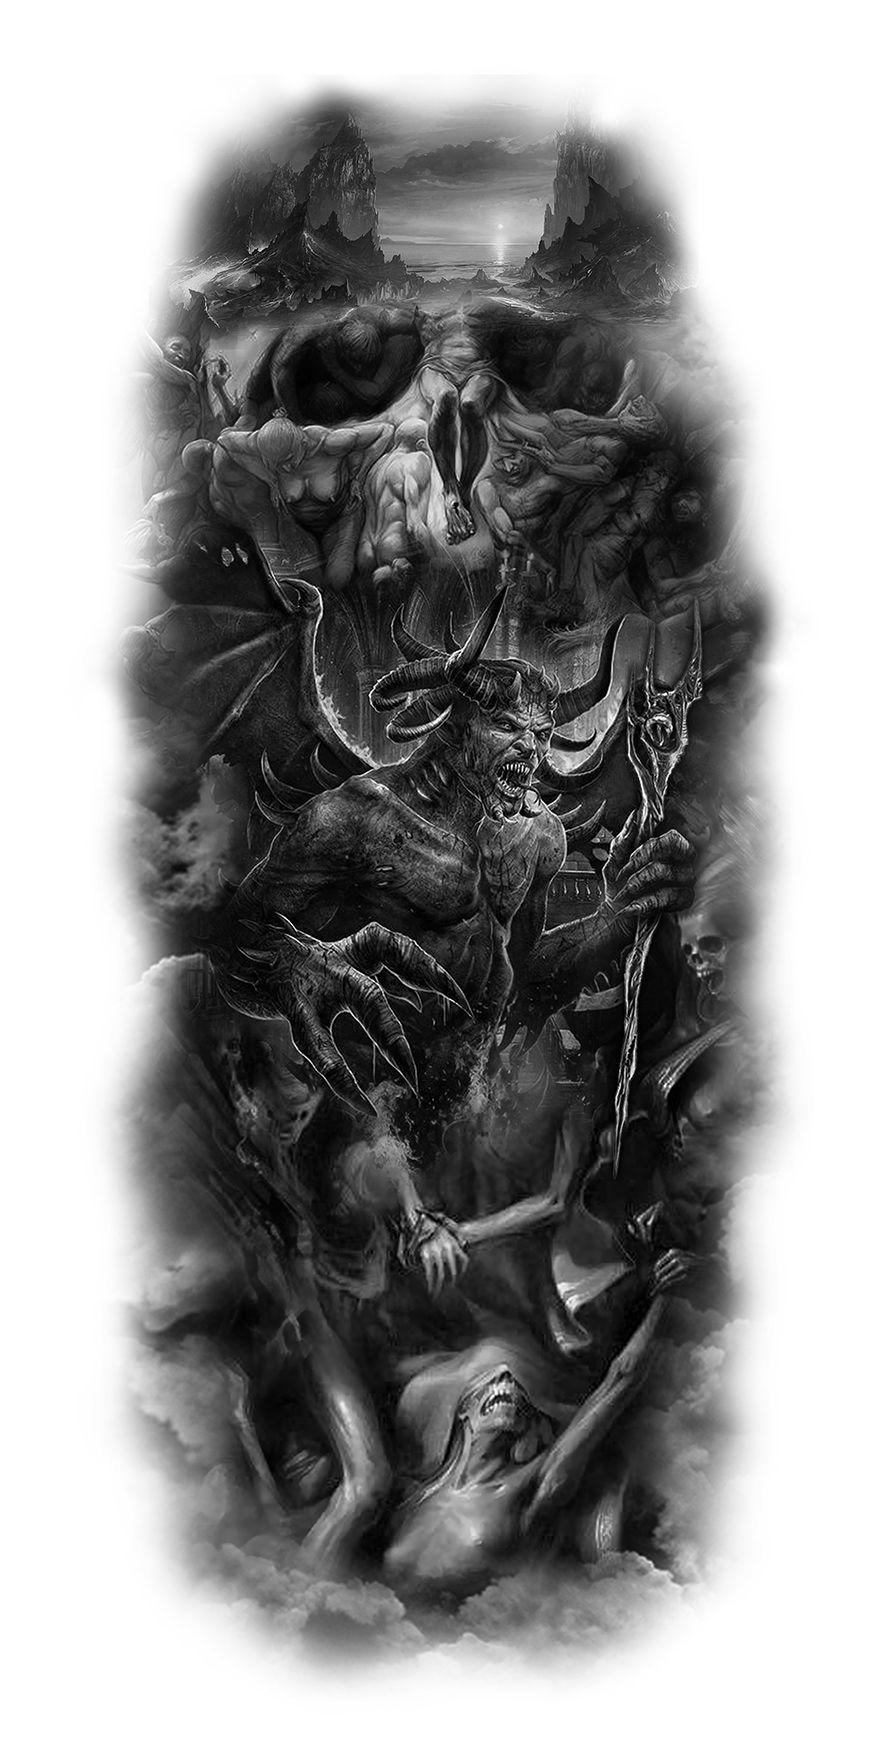 Demon Sleeve Design Evil Tattoos Skull Sleeve Tattoos Custom Tattoo Design